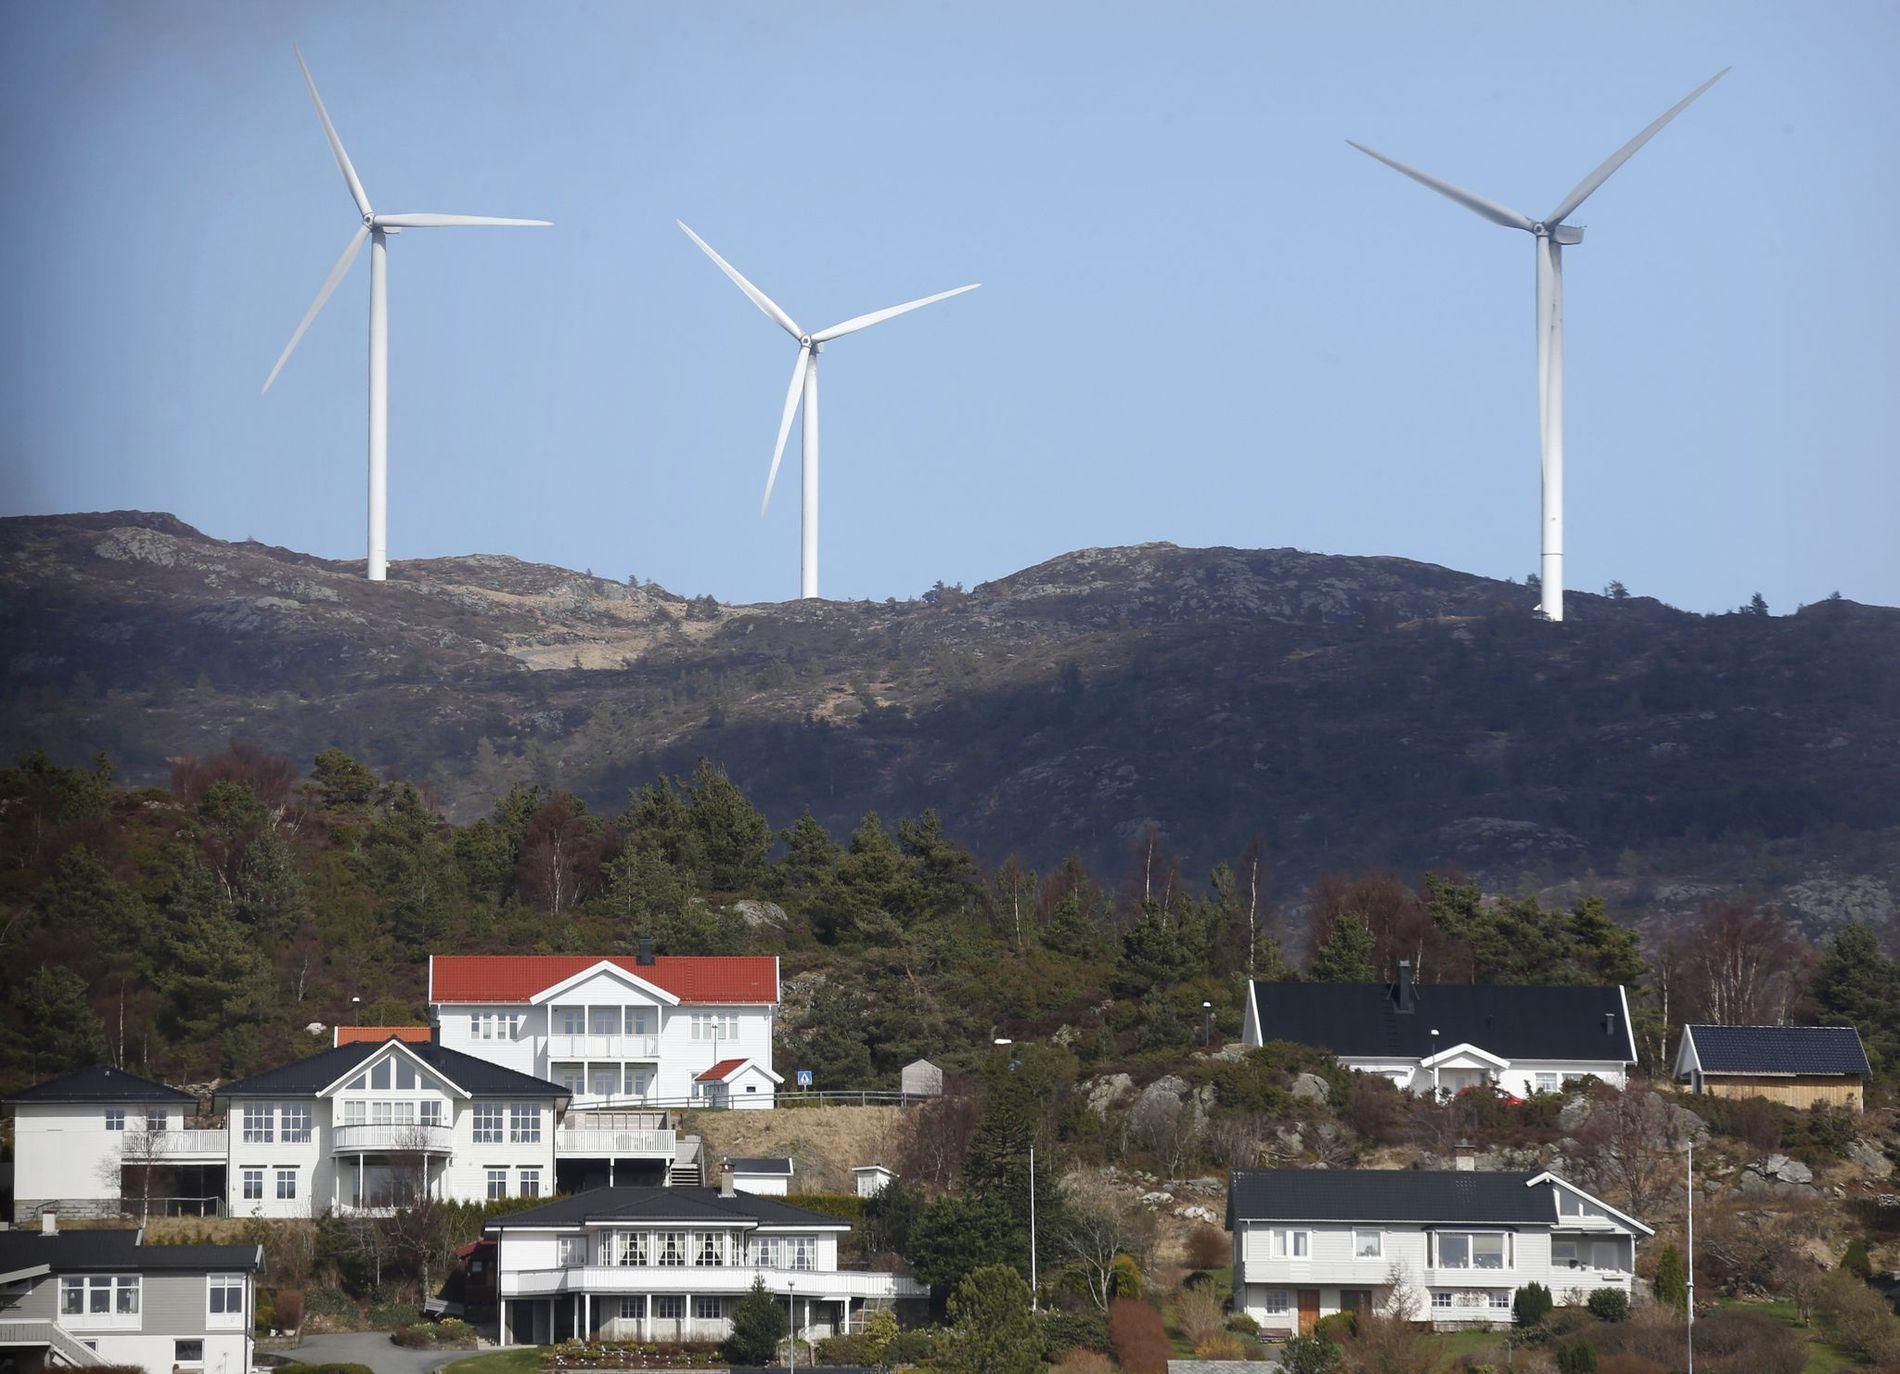 VINDKRAFT: Dei areala som vindkrafta treng, er ikkje bitar, men store jafs. Det som no held på å skje med restane av naturarven vår, er dramatisk, tragisk og ugjenkalleleg, skriv Jan Rabben. På biletet: Vindturbinar over busetnaden på Fitjar i Sunnhordland.